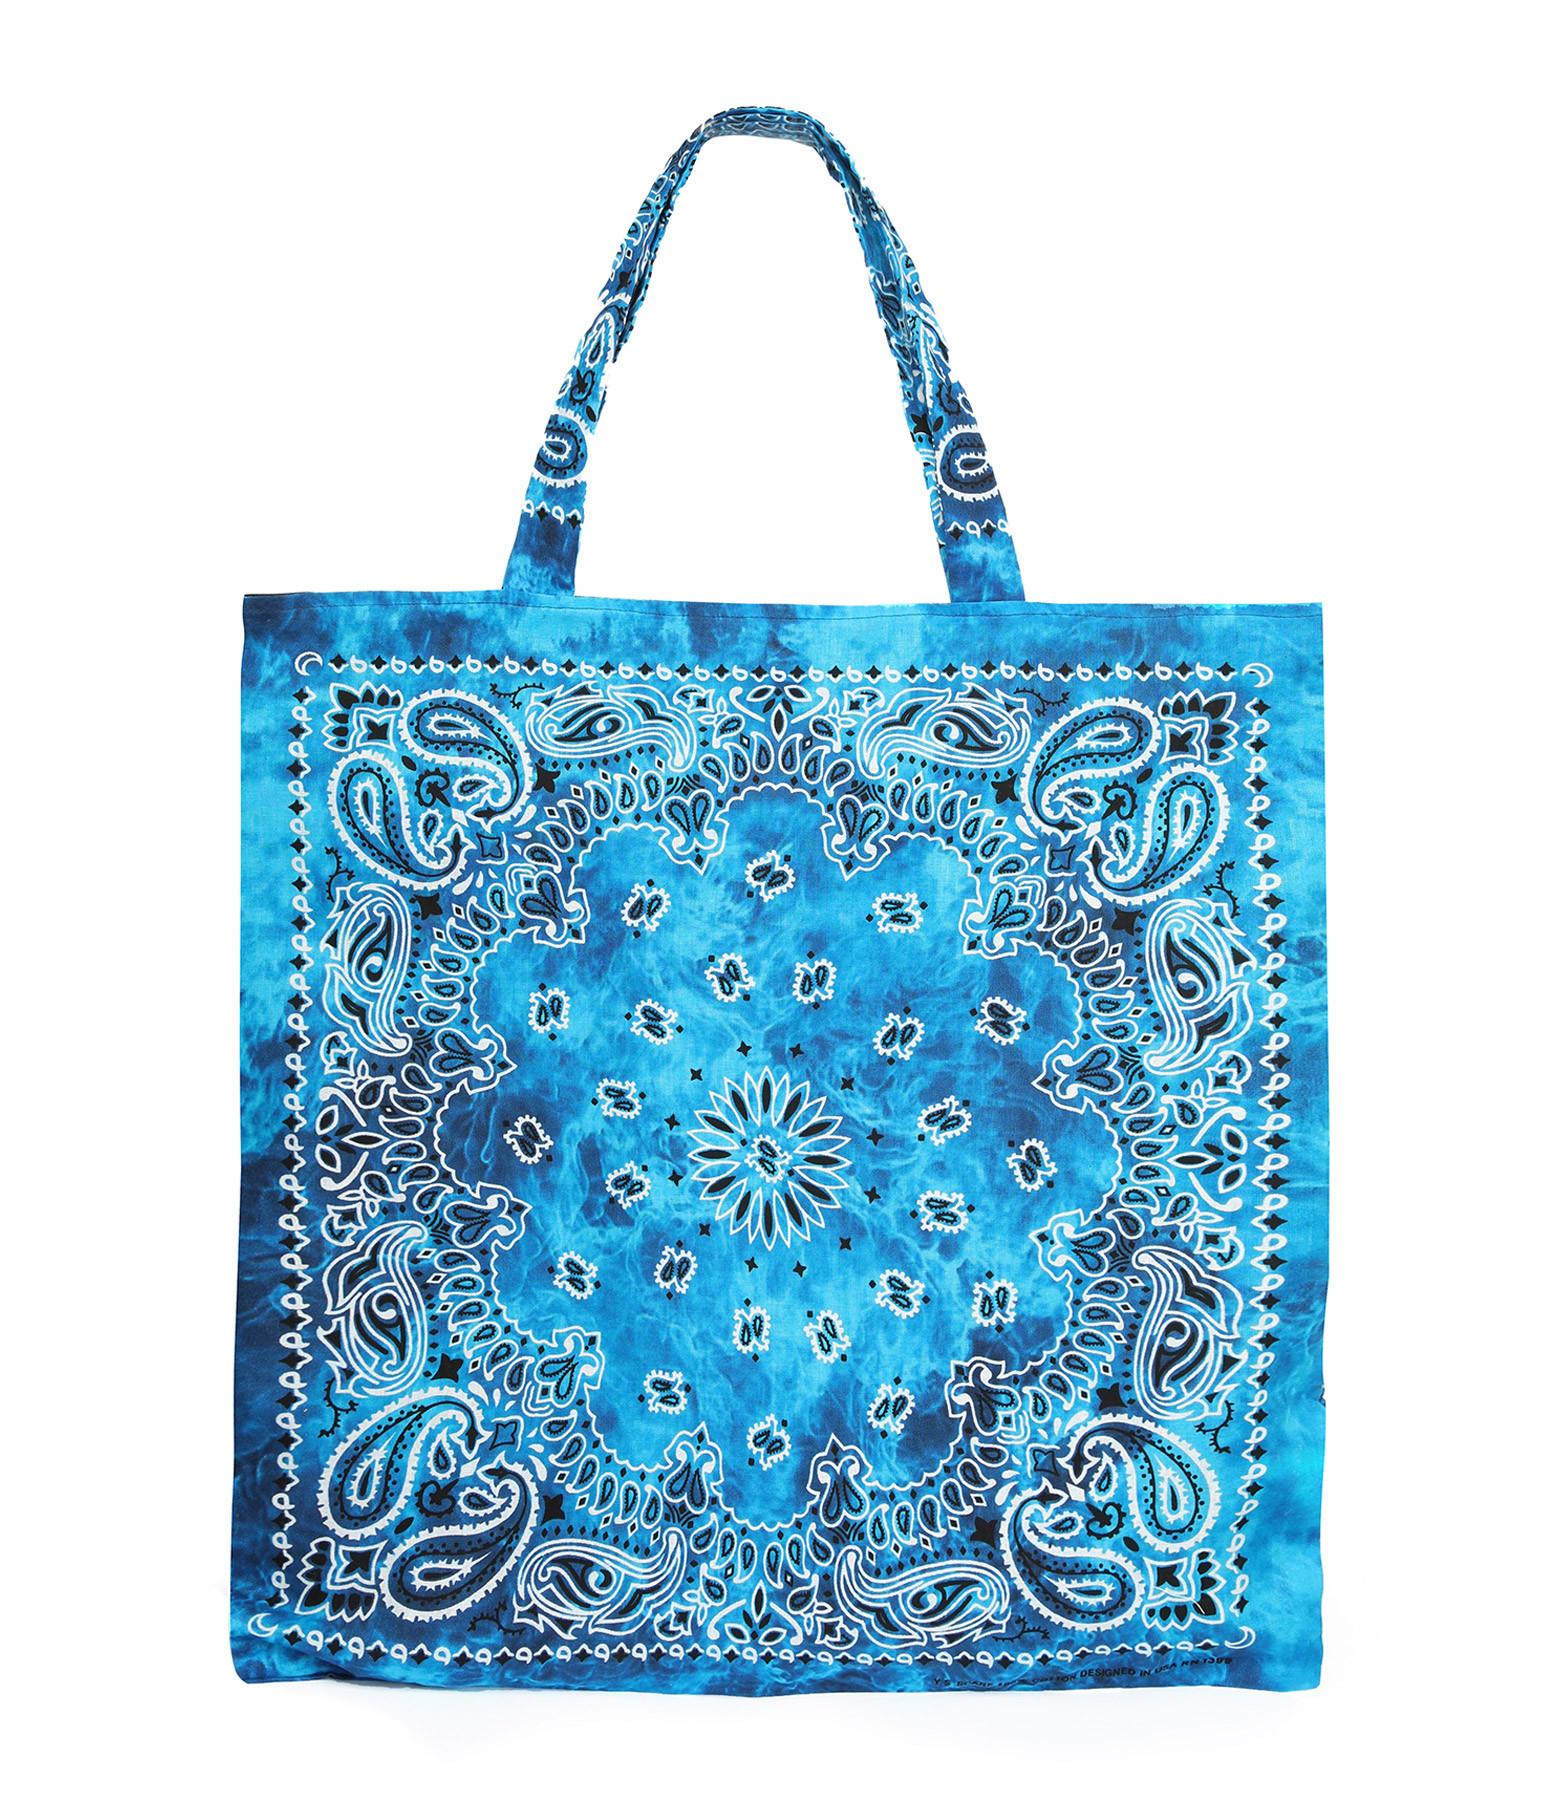 ARIZONA LOVE - Sac Tote Bag Arizona Bandana Bleu